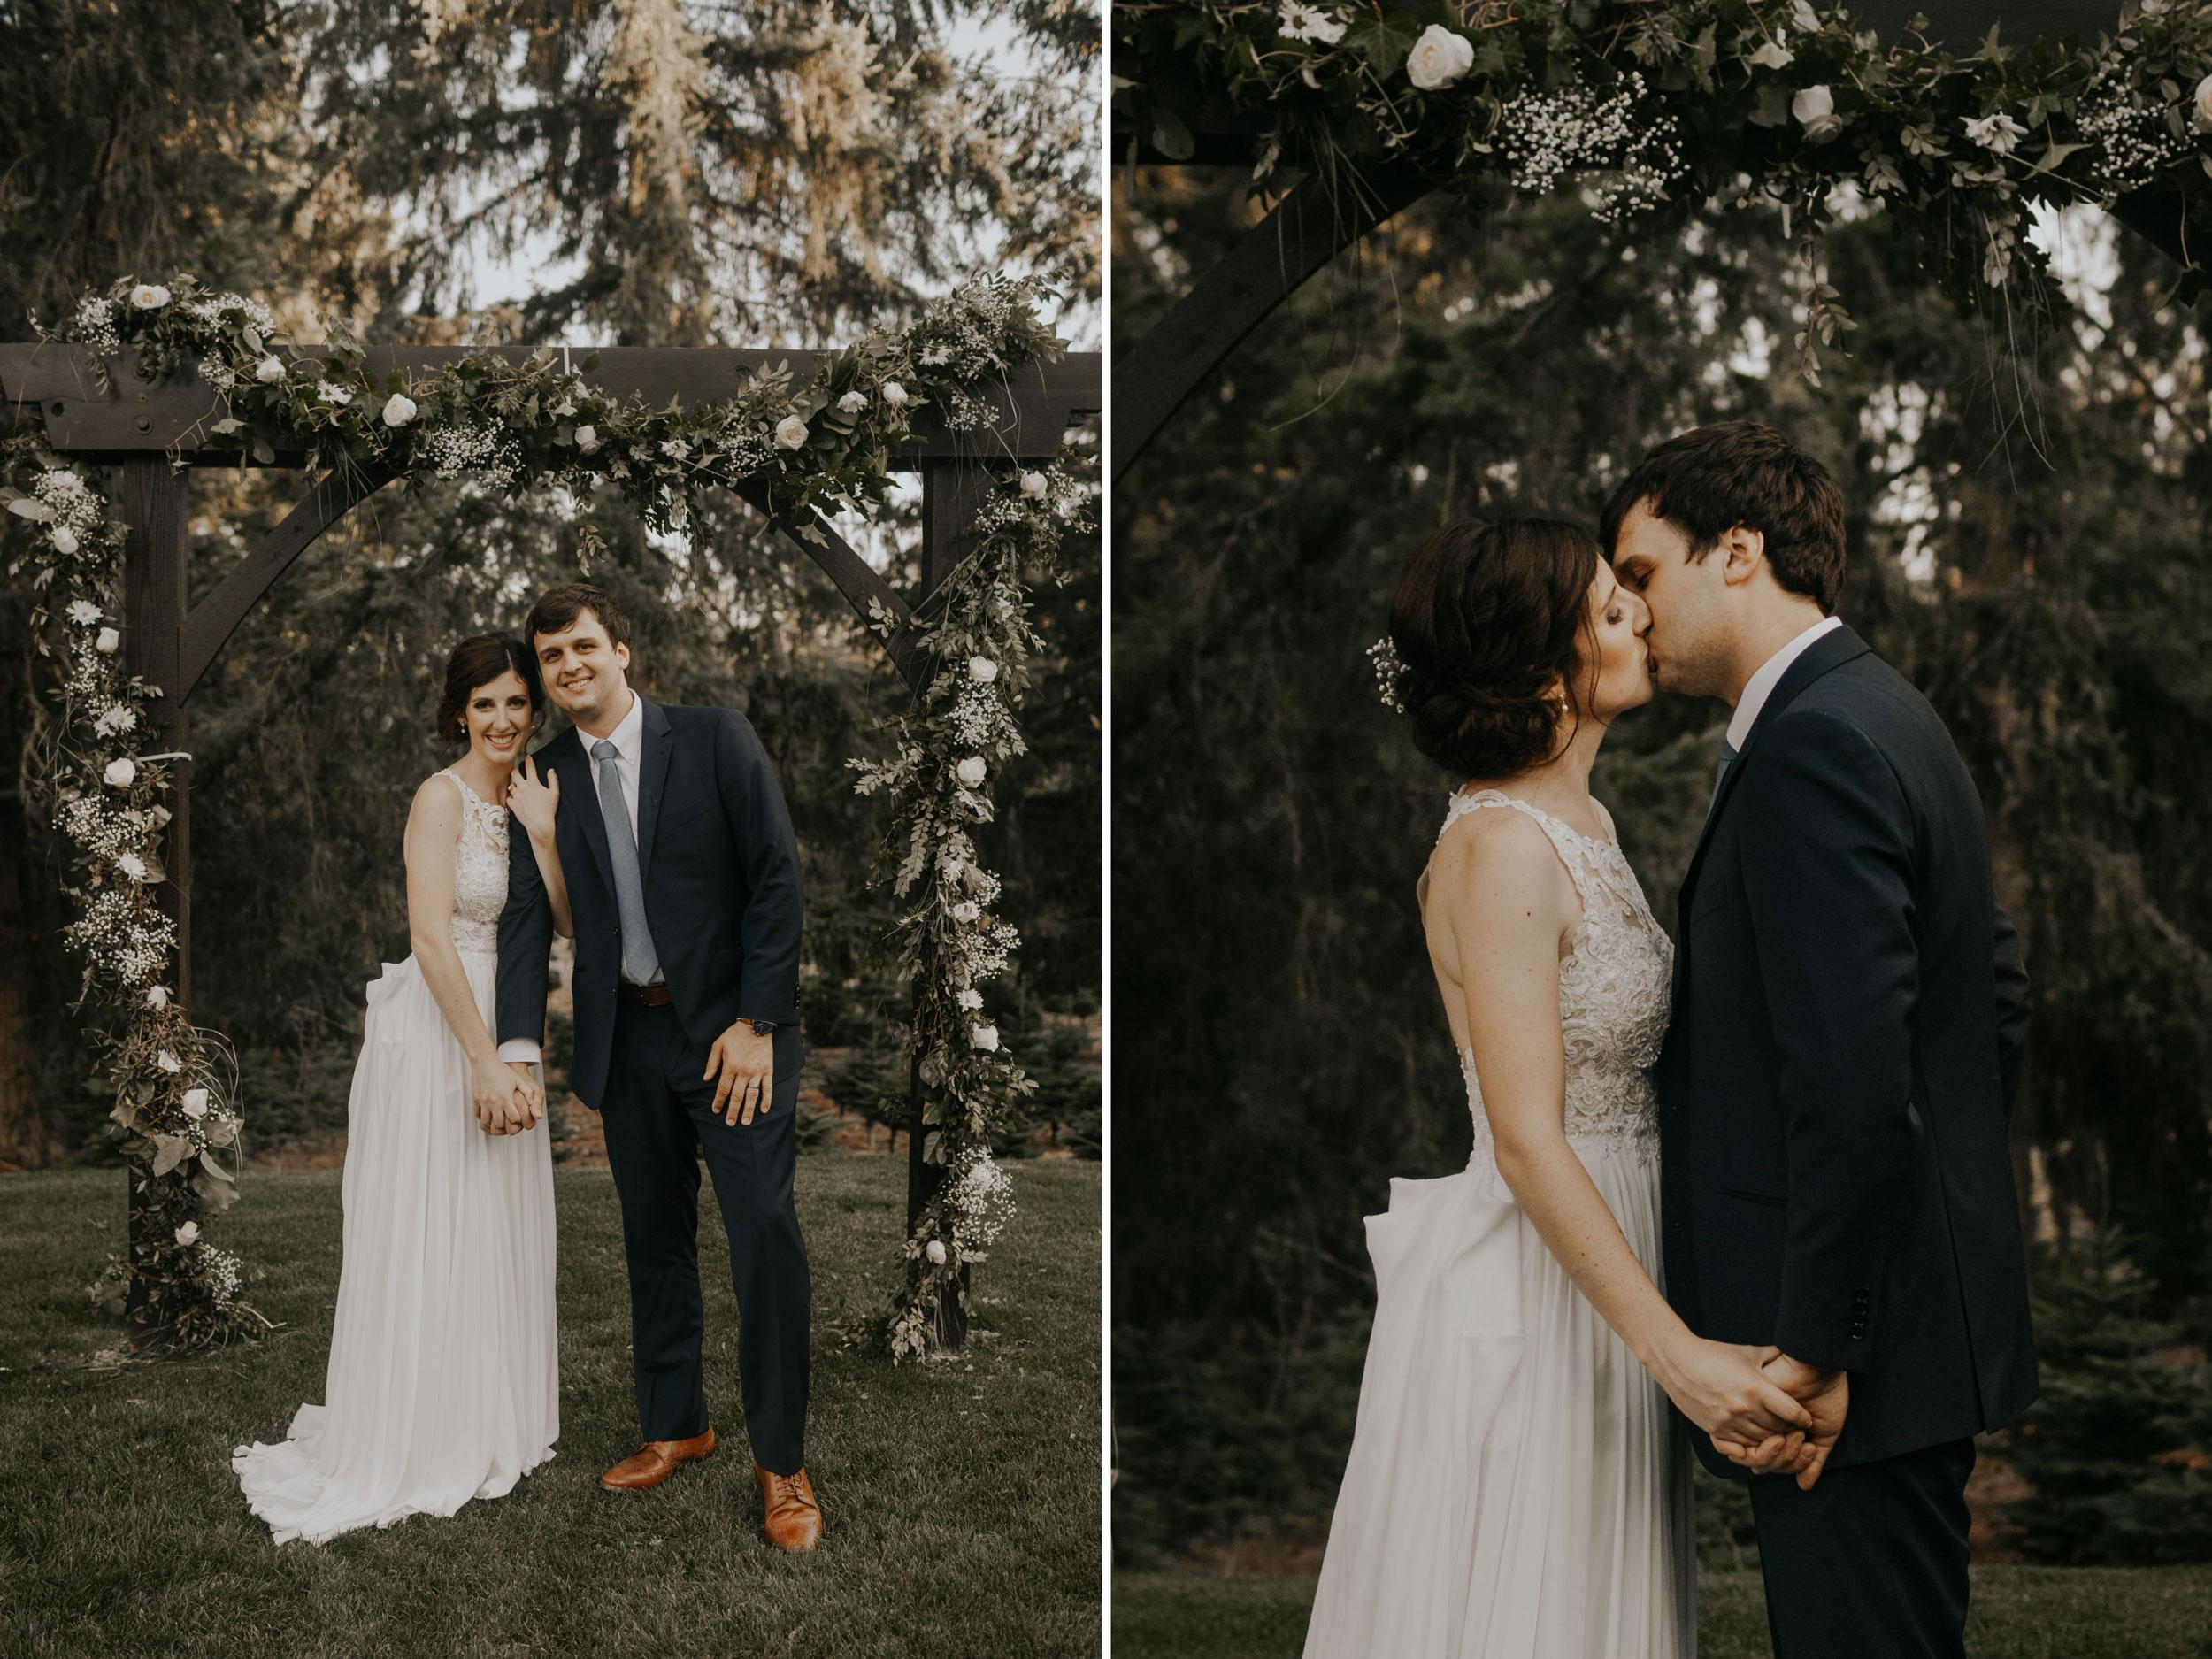 ginapaulson_katymatt_wedding-32.jpg